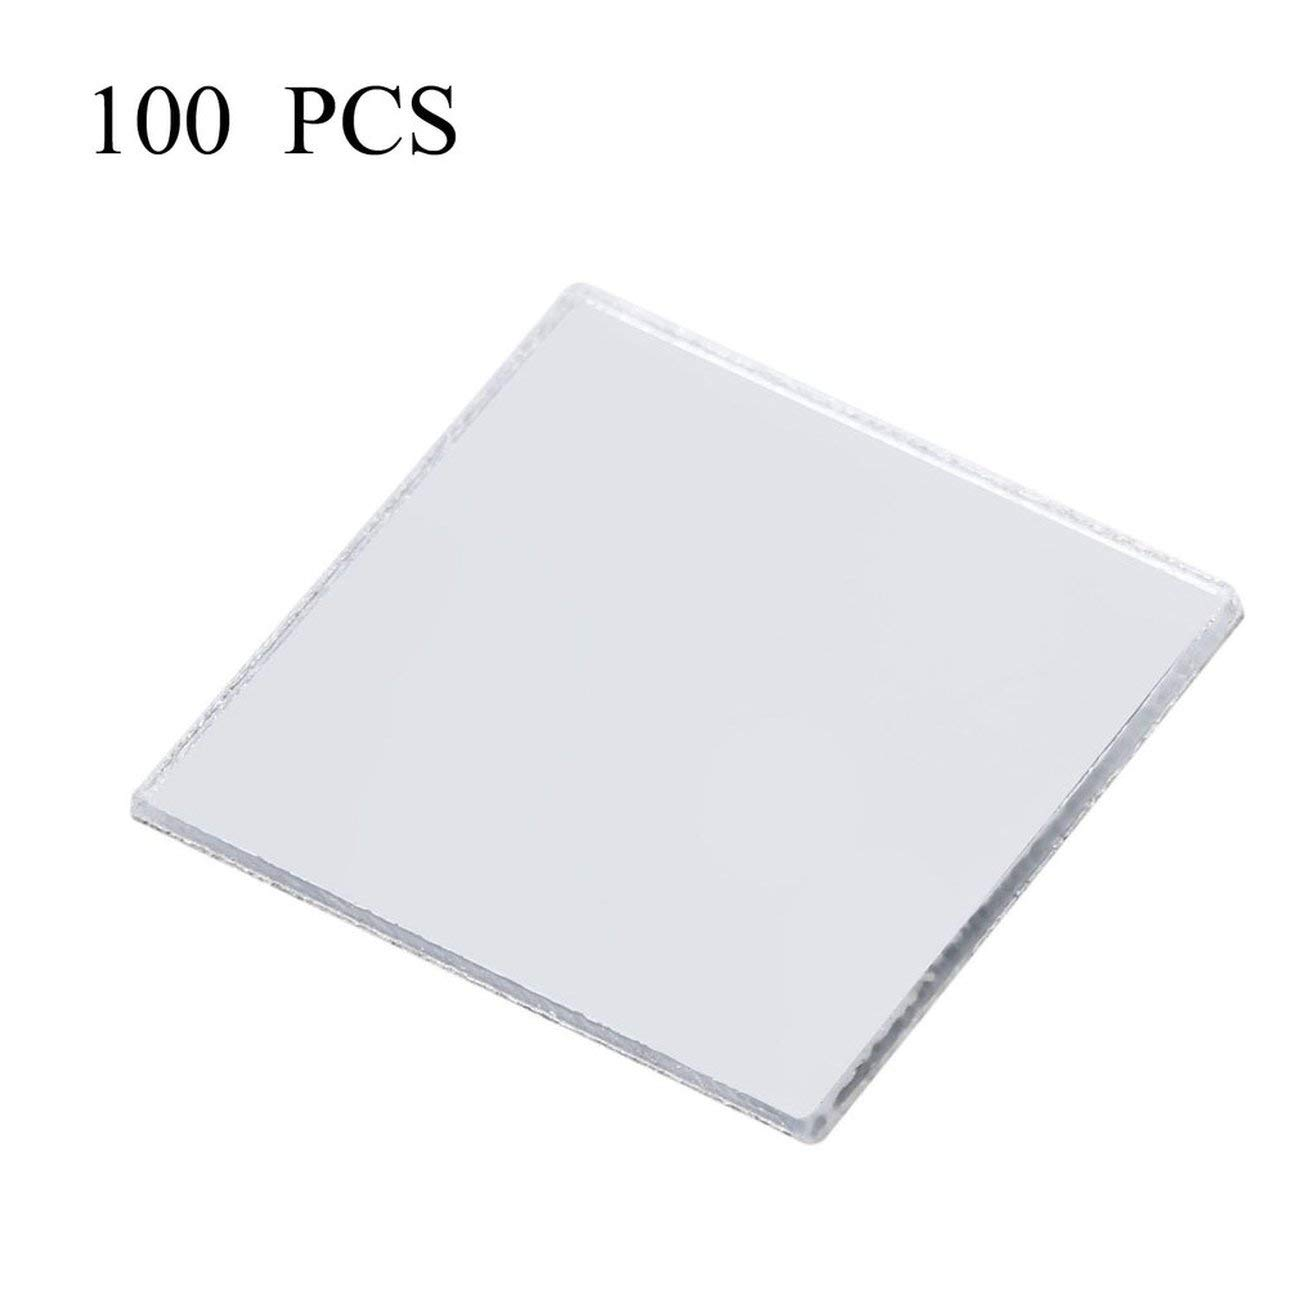 Jiobapiongxin Adesivo da Parete per Piastrelle a Mosaico a Specchio 100 Pezzi Adesivo per Camera Mosaico con Decalcomania 3D su Moderno JBP-X